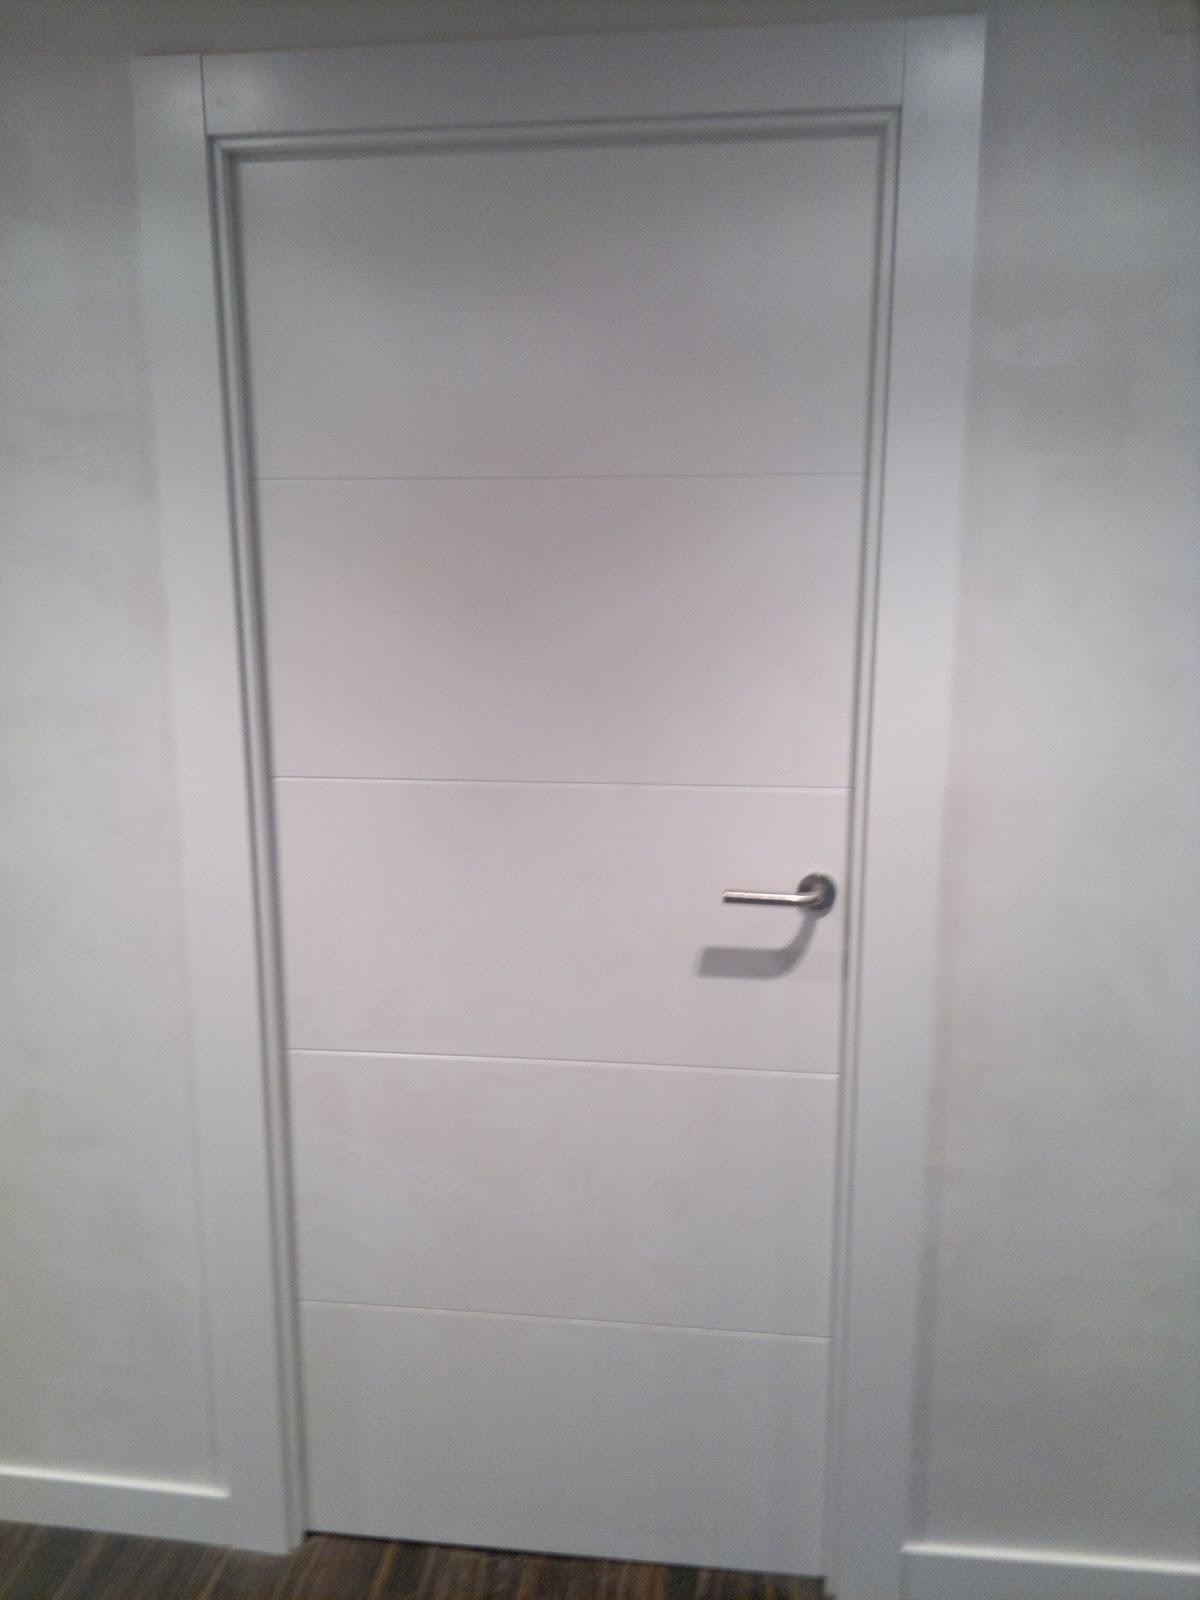 Precios puertas lacadas en blanco gallery of with precios - Puertas lacadas blancas precios ...